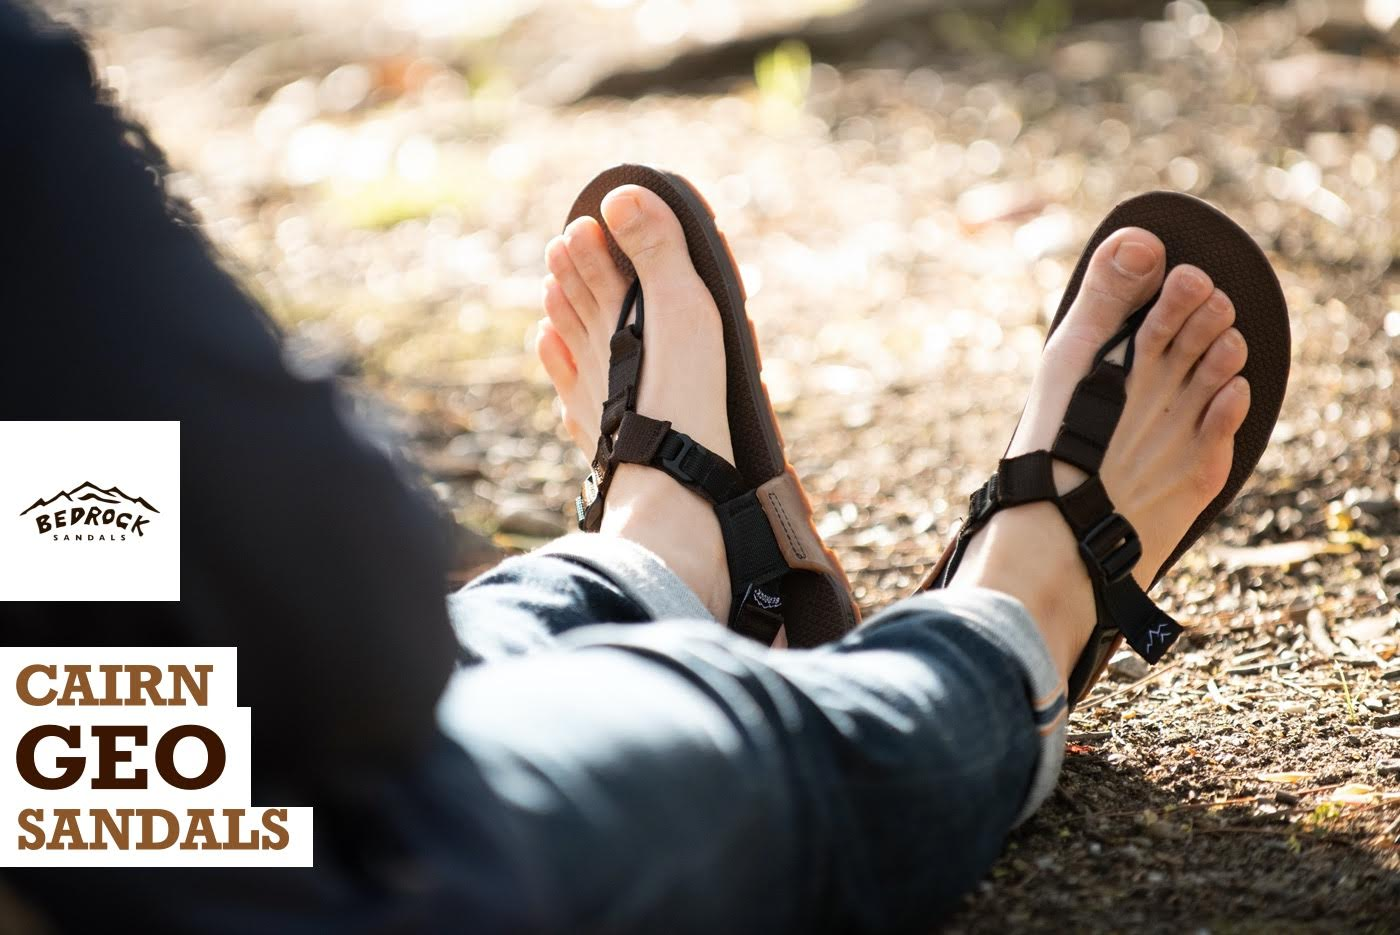 BEDROCK SANDALS Cairn Geo Sandals